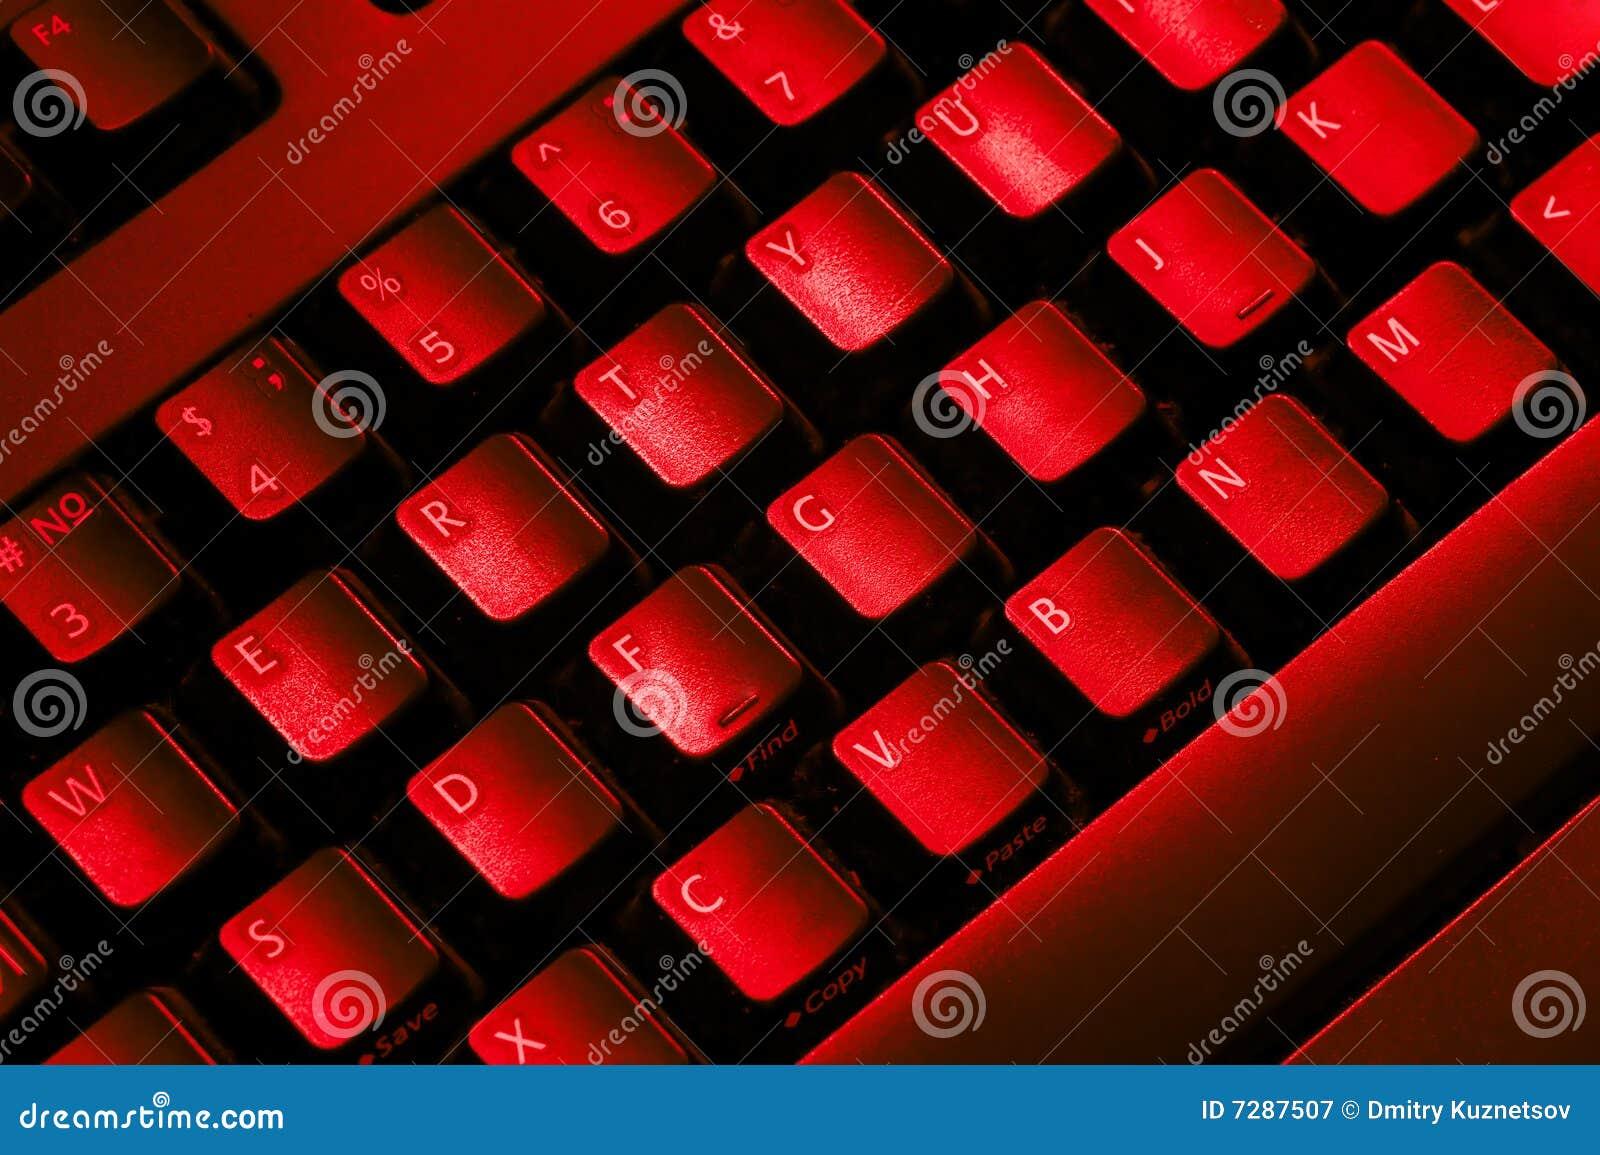 Teclado de ordenador.